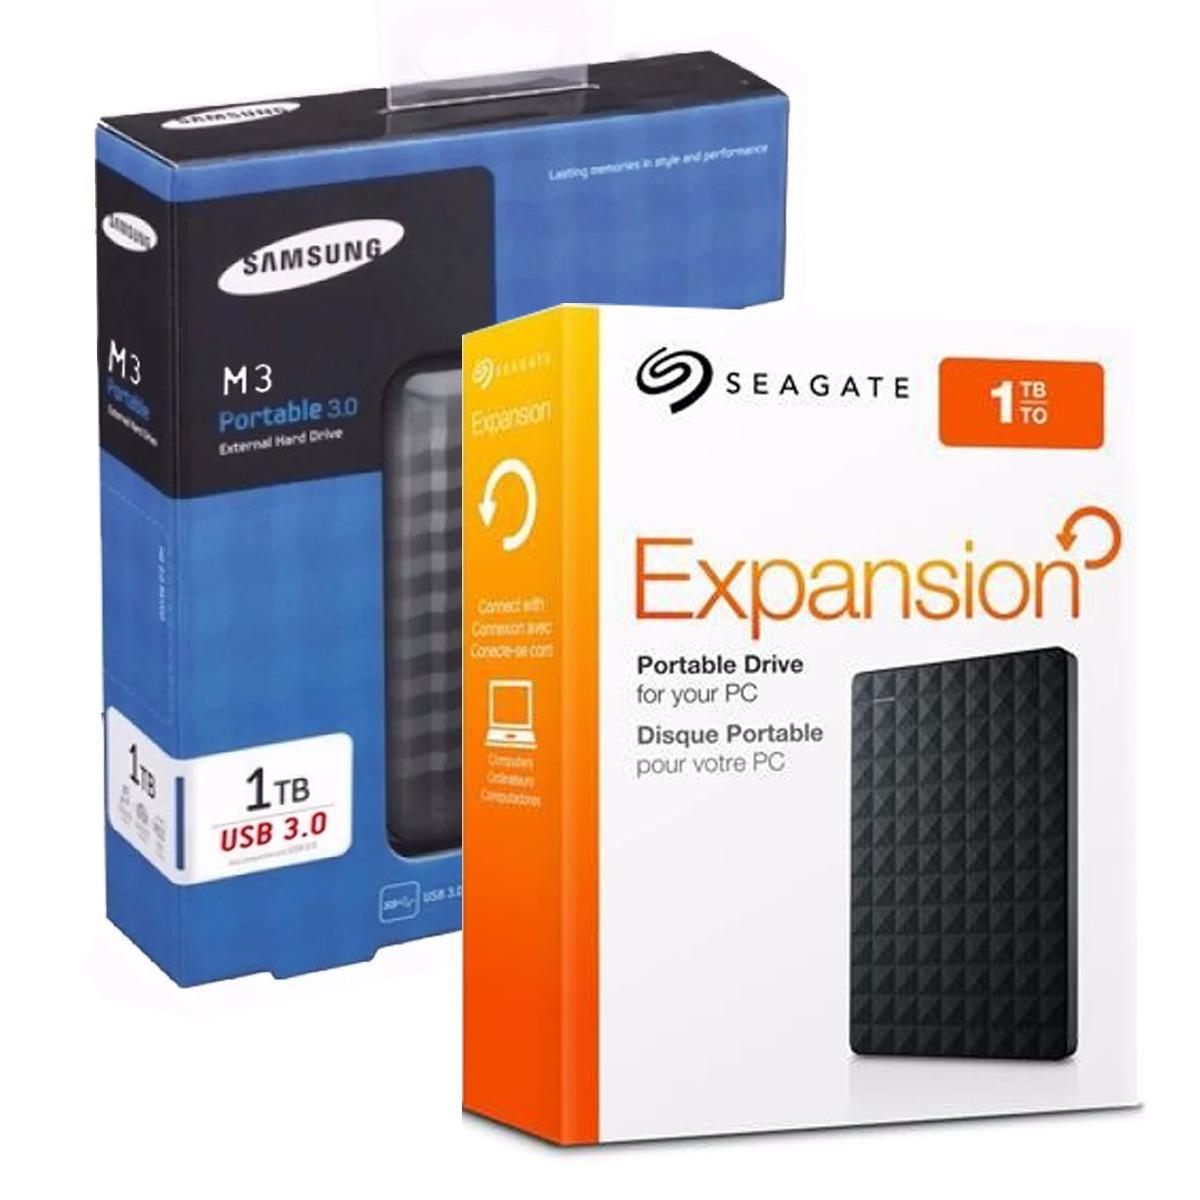 Hd Externo Port Til Seagate Samsung 1tb Usb 3 0 Usb 2 0